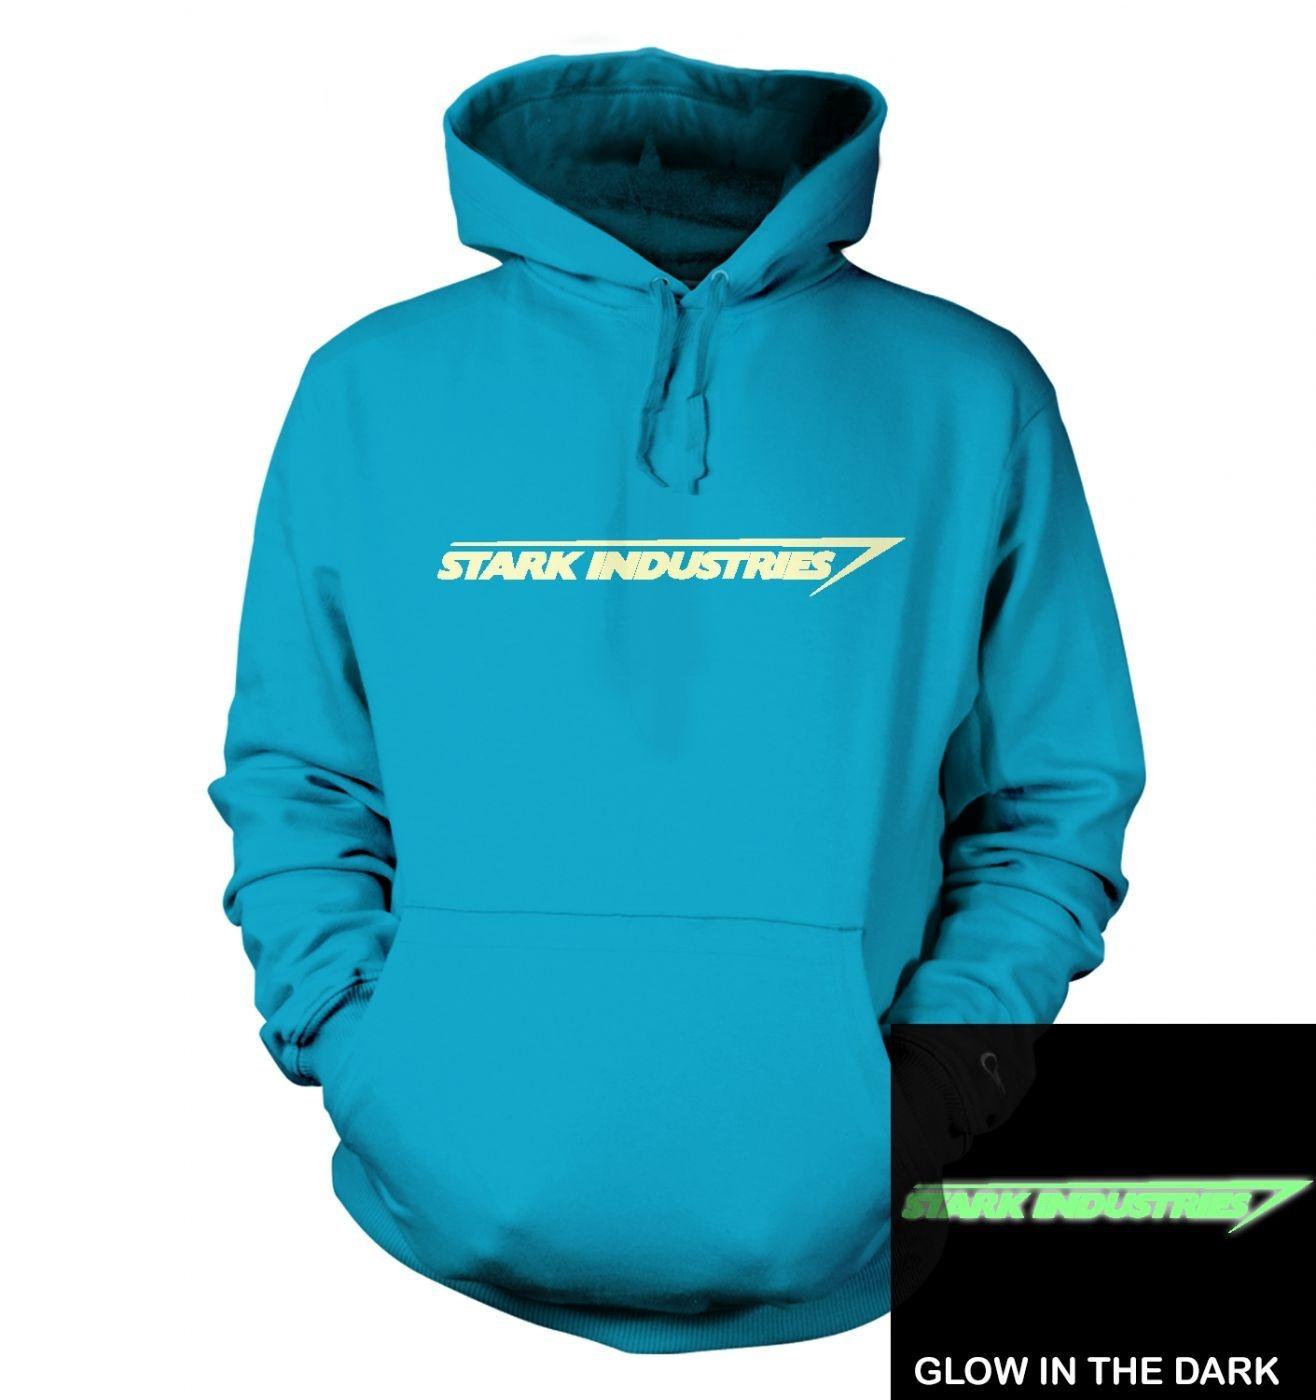 Stark Industries (glow in the dark) hoodie